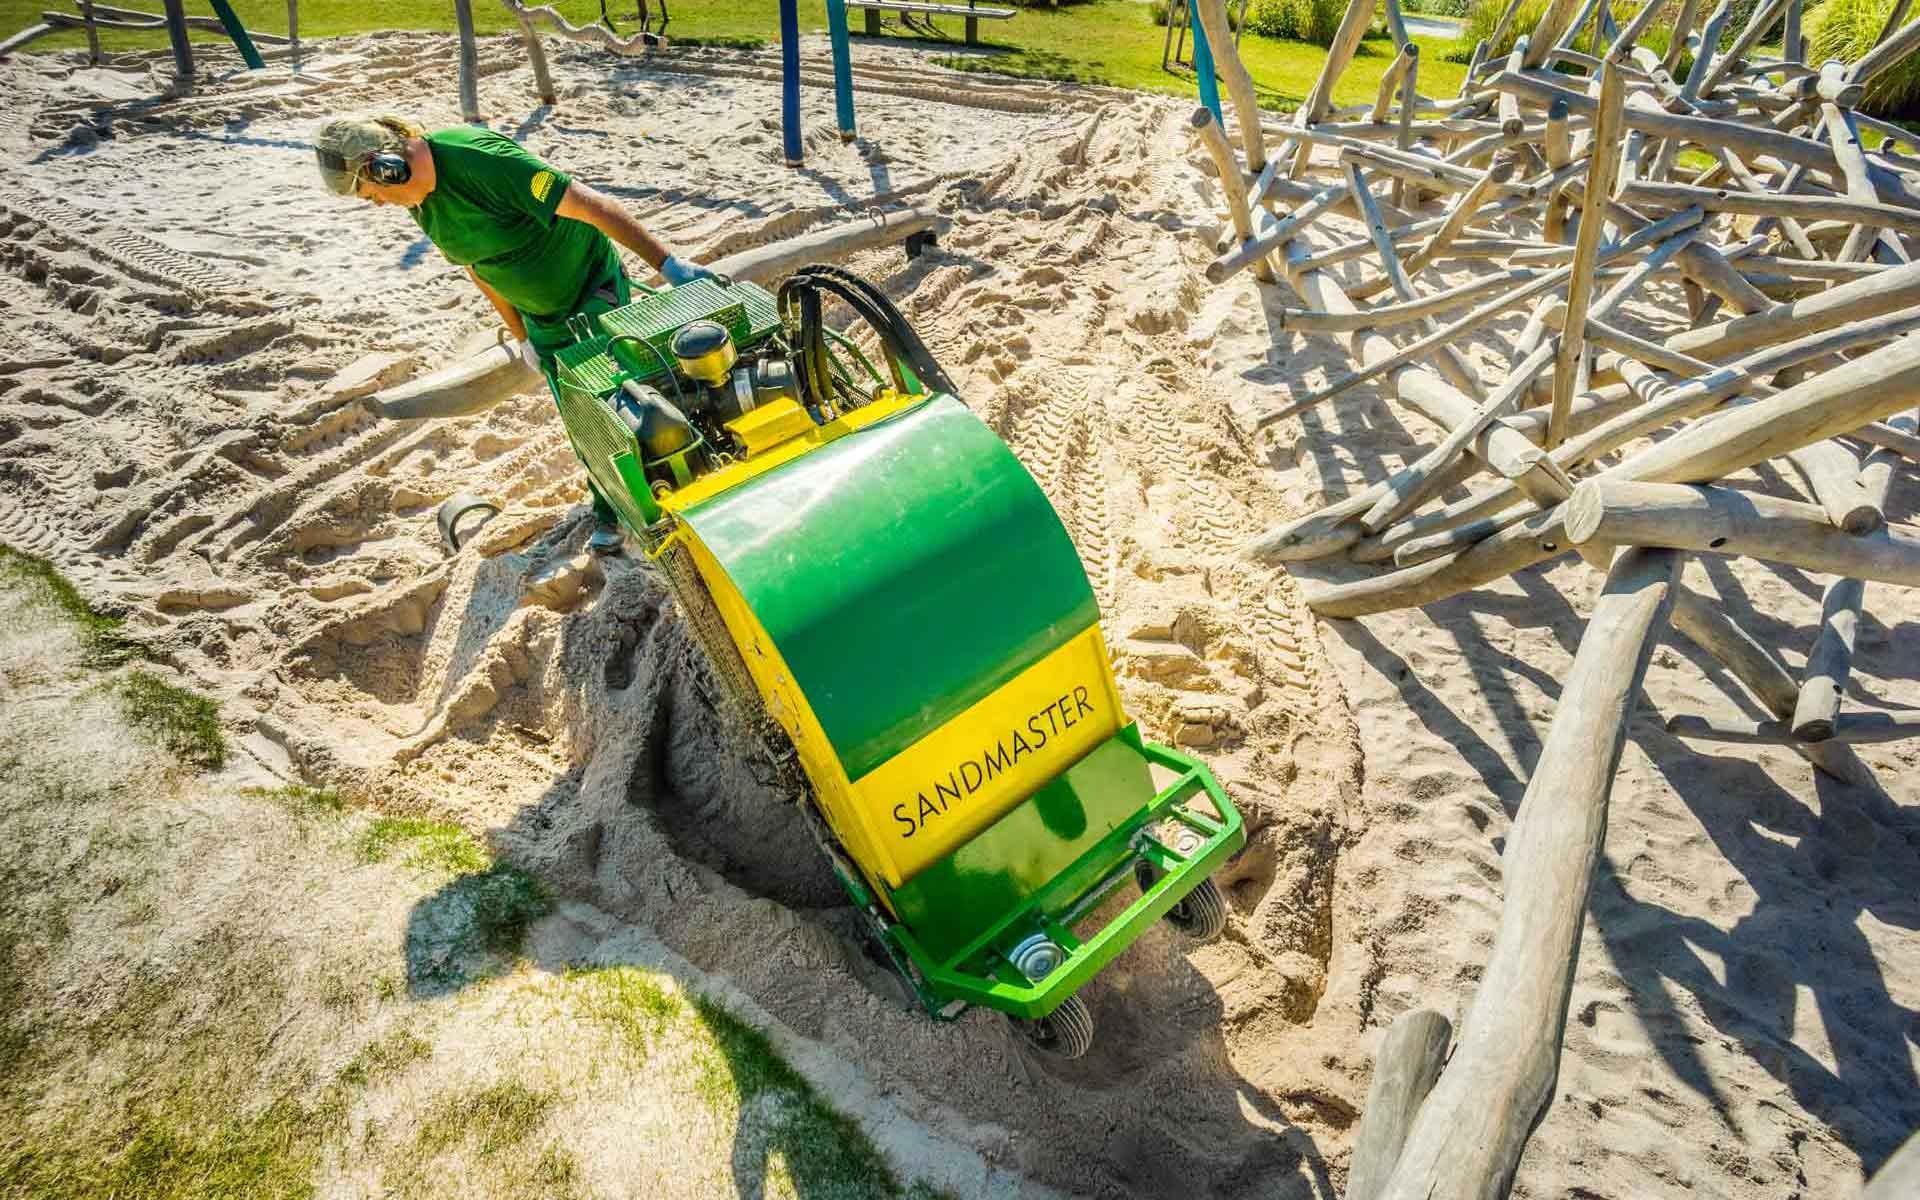 Sandmaster bei einer Sandreinigung